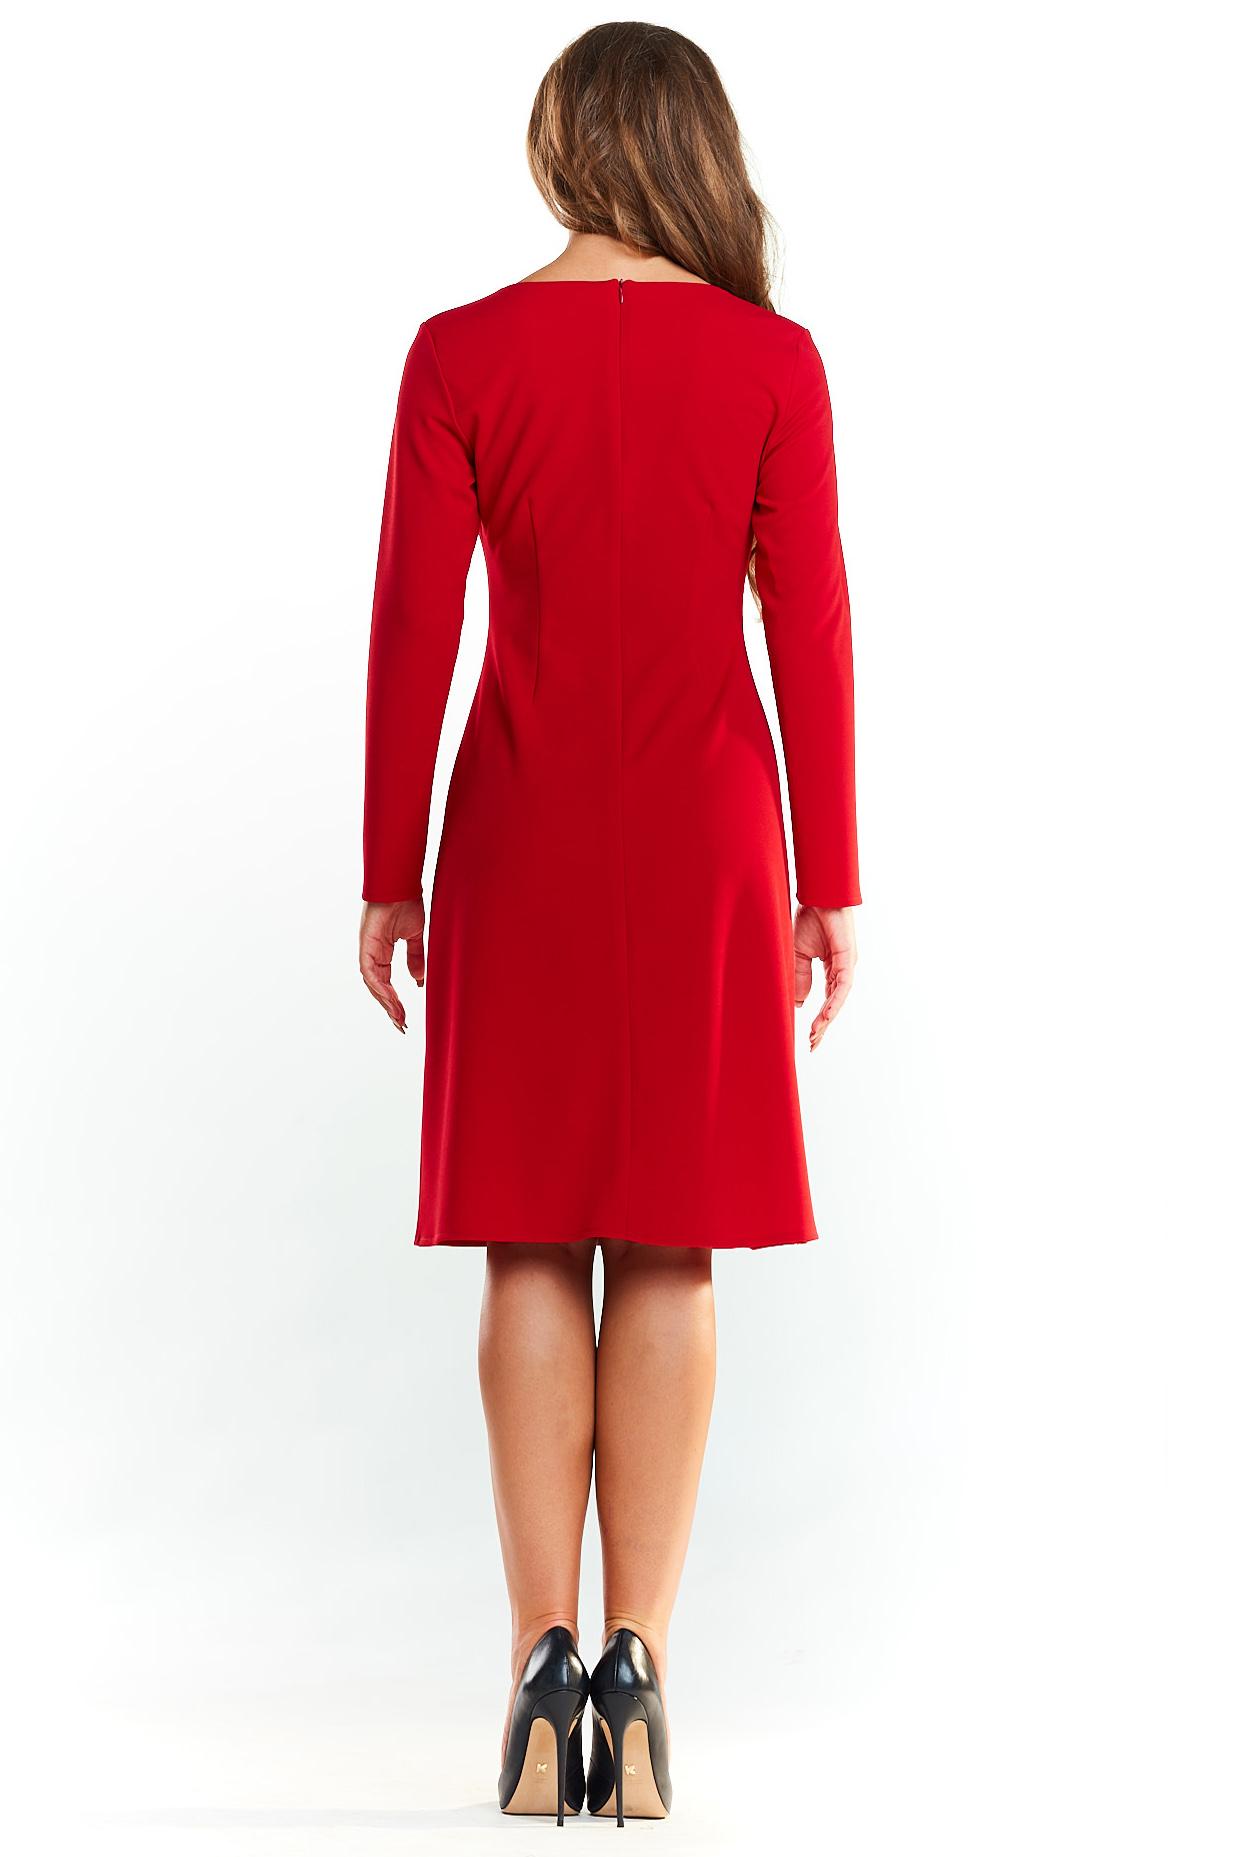 CM4045 Biurowa sukienka trapezowa - czerwona